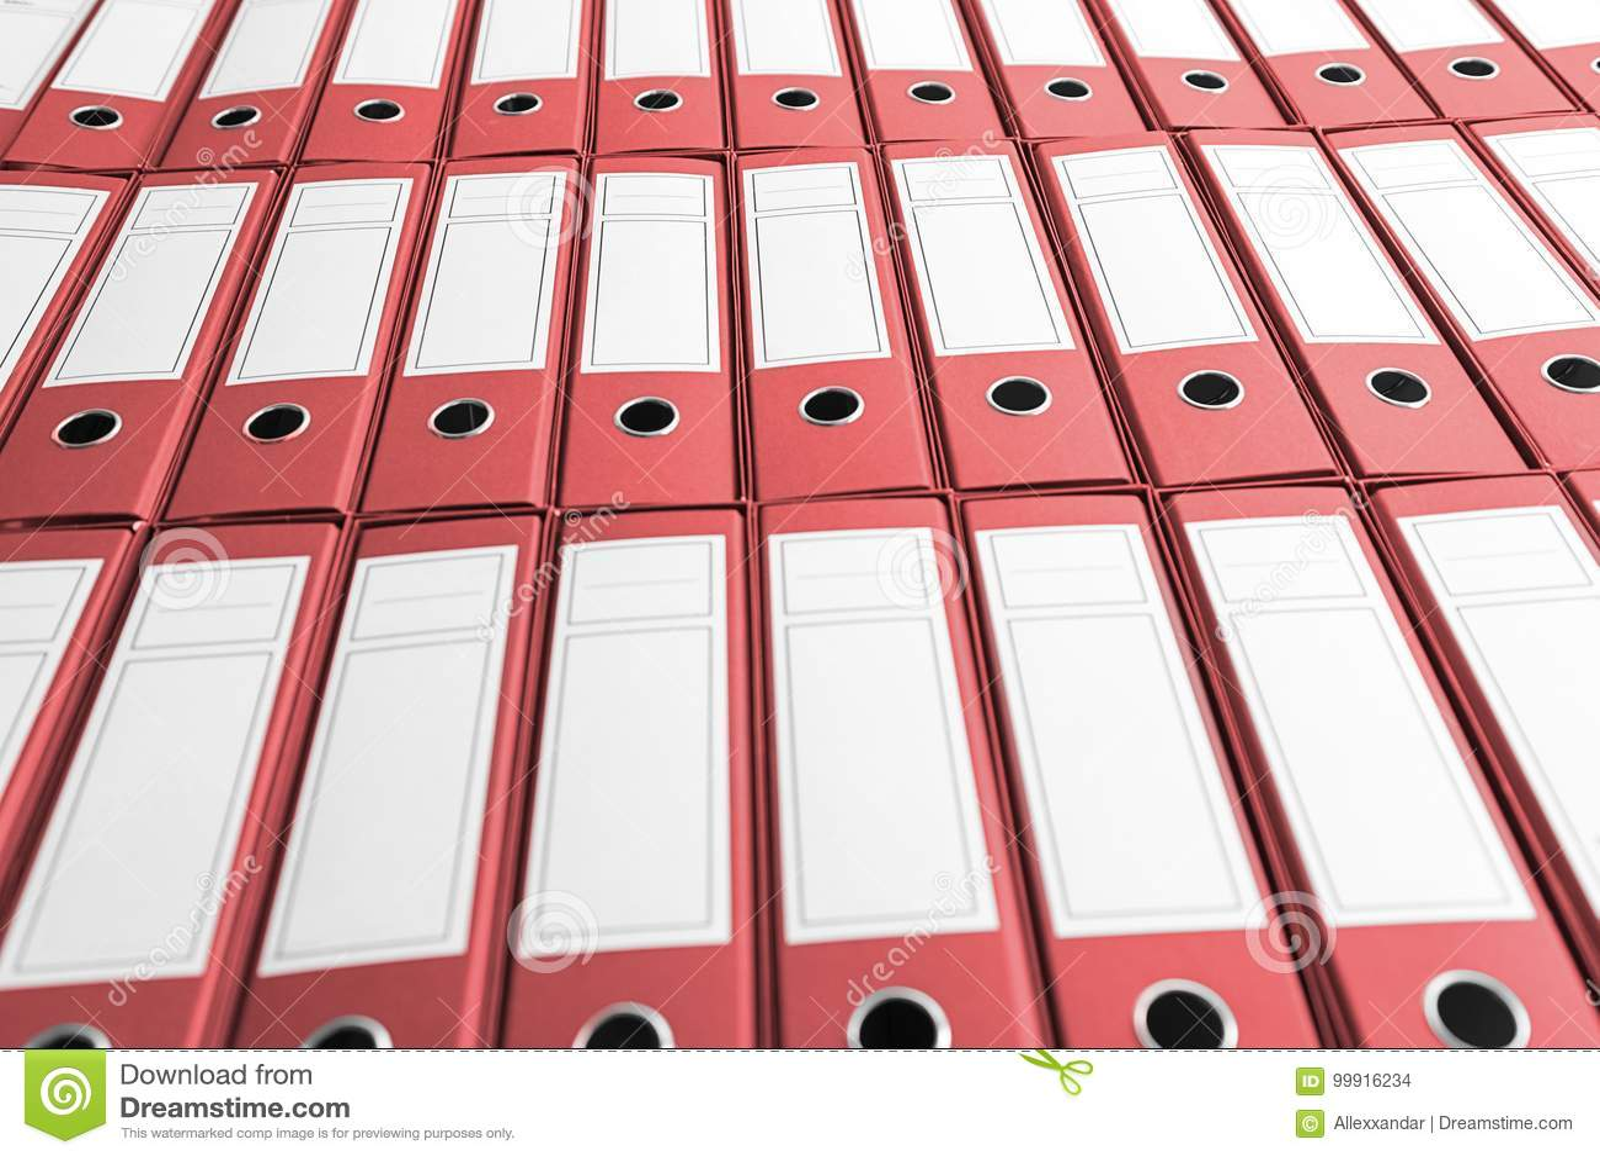 Archief met vele bindmiddelen op plank